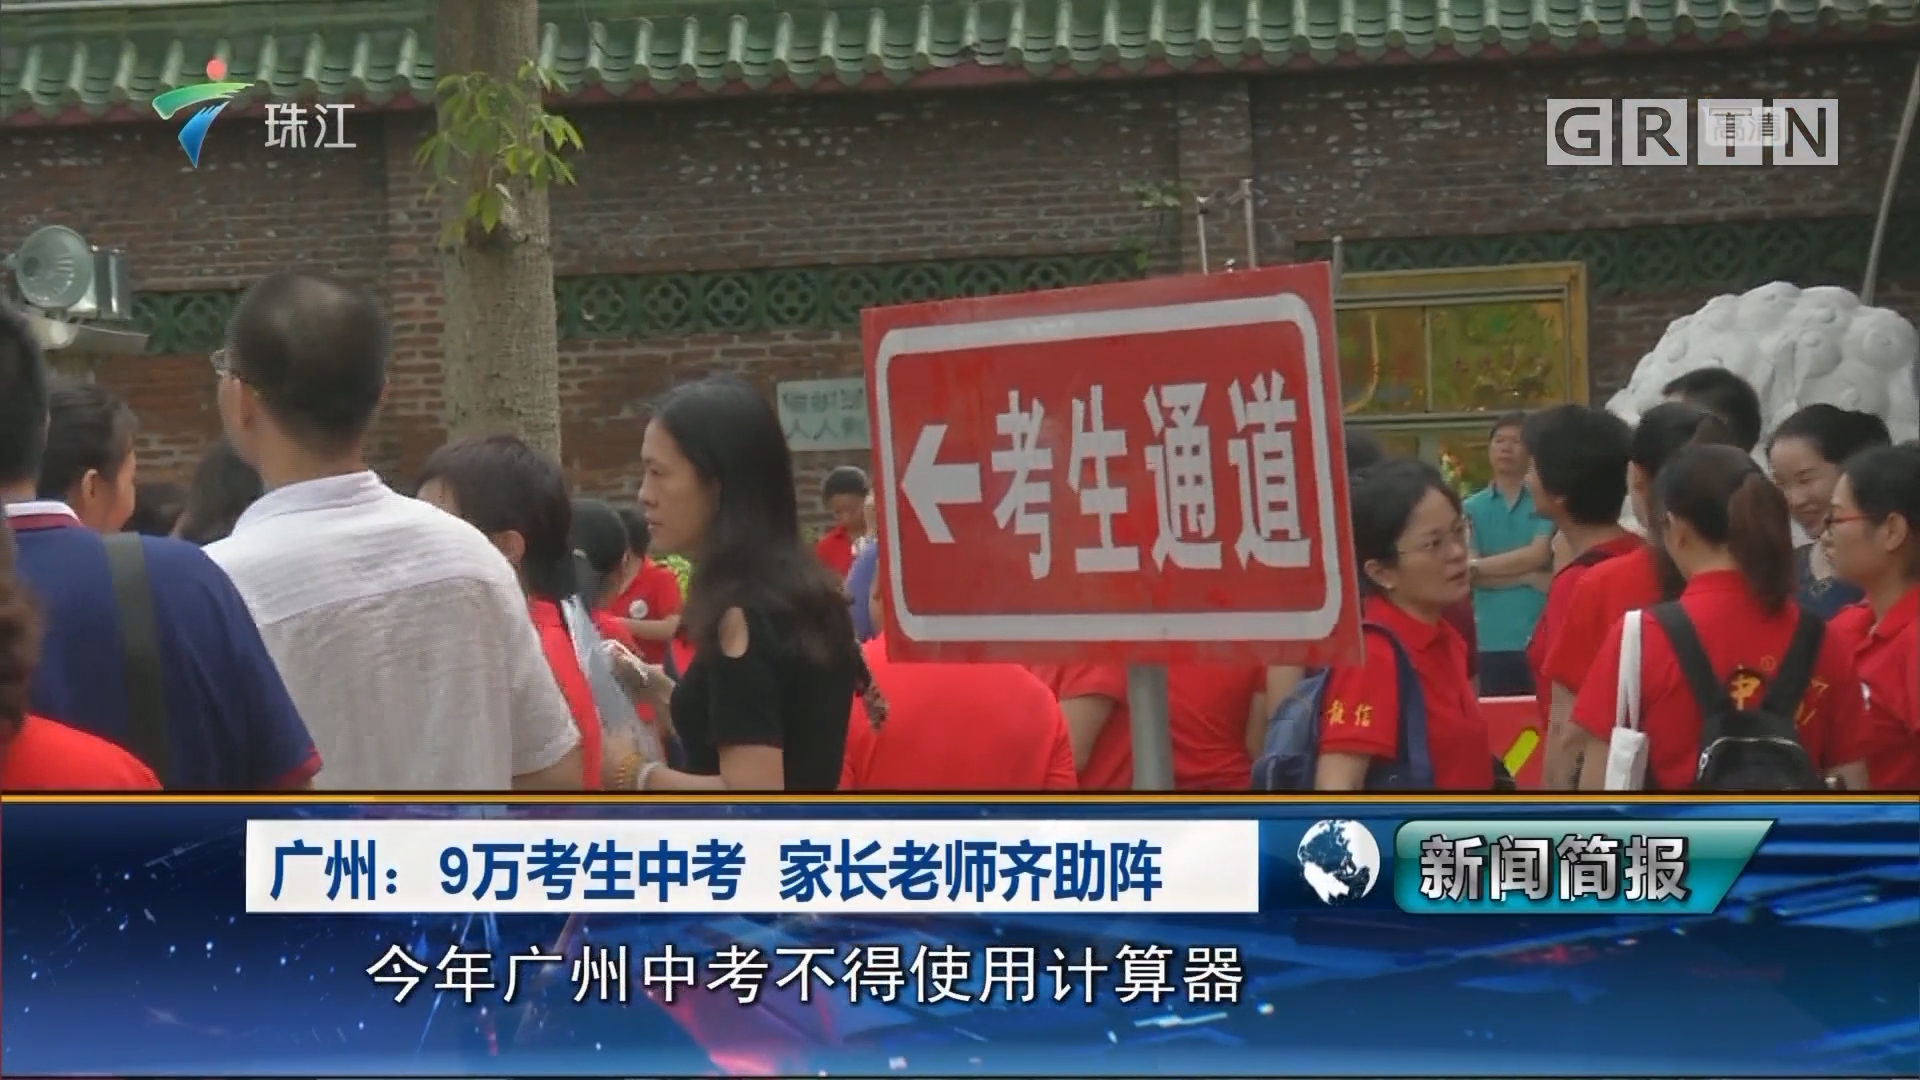 广州:9万考生中考 家长老师齐助阵